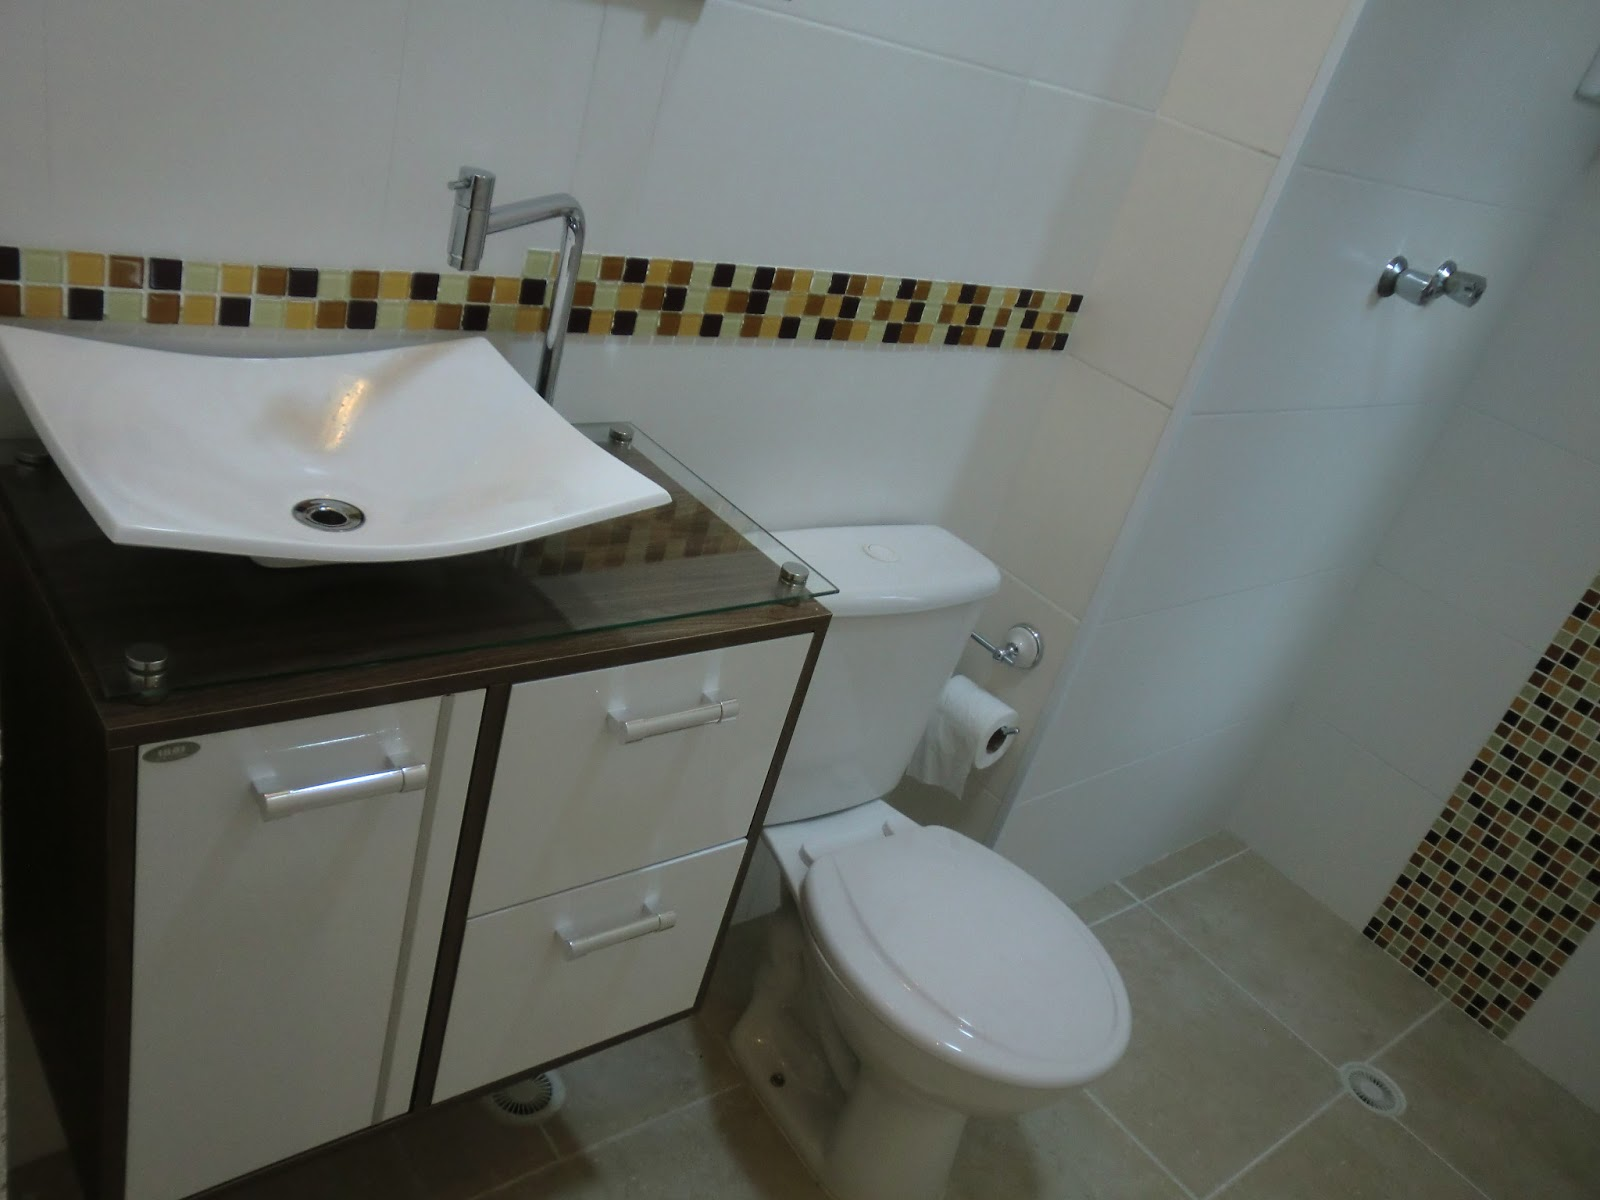 Banheiro Com Azulejos Imitando Pastilhas  rinkratmagcom banheiros decorados # Banheiro Com Azulejo Imitando Pastilha